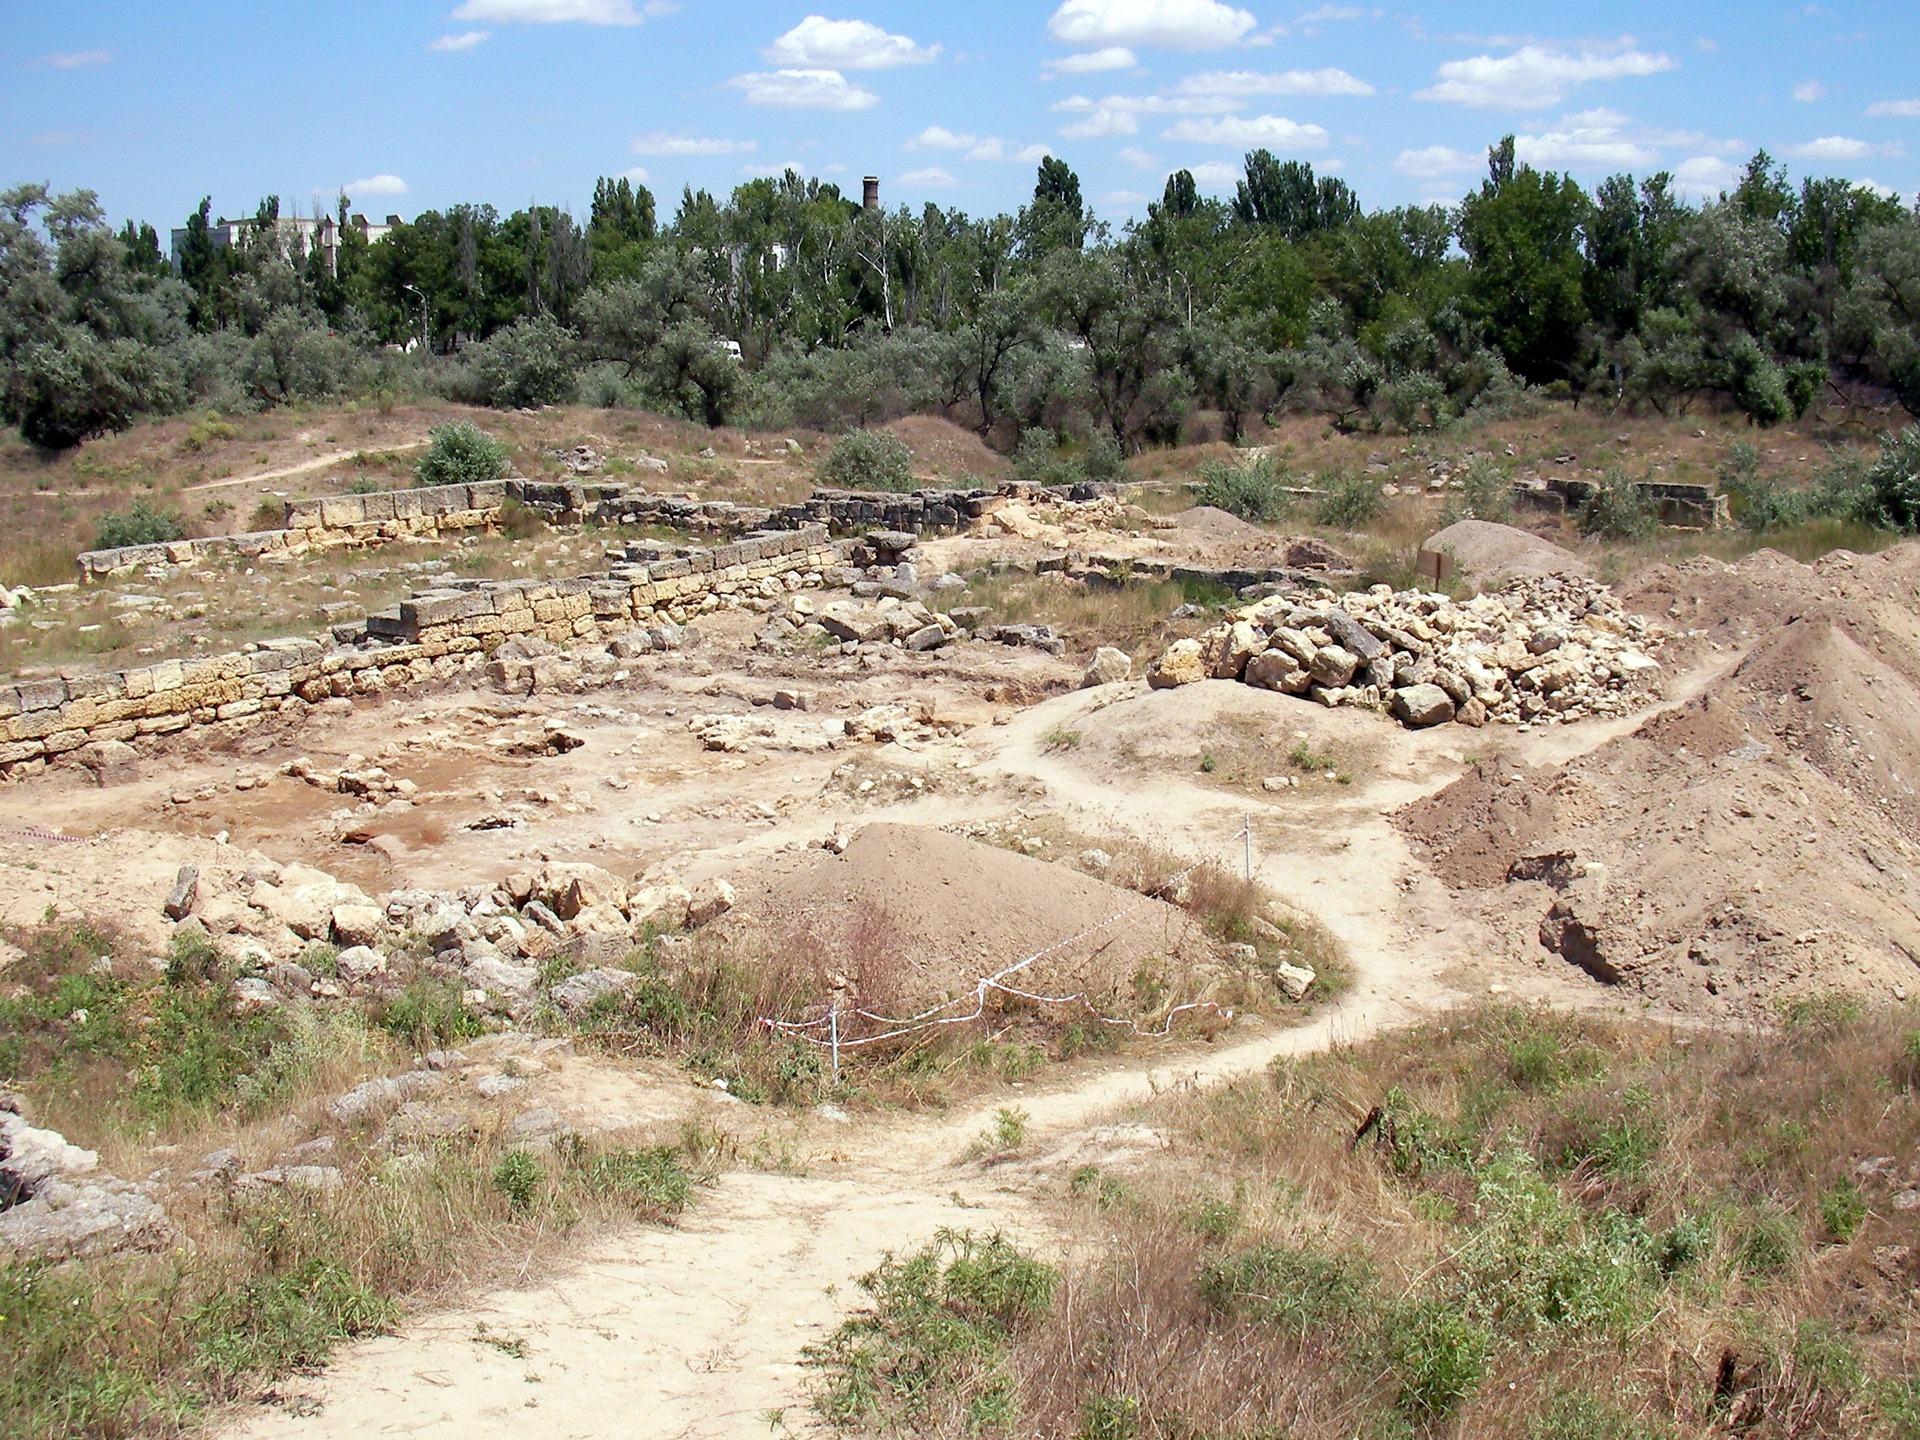 تسوية اليونانية القديمة بالقرب ييفباتوريا في شبه جزيرة القرم